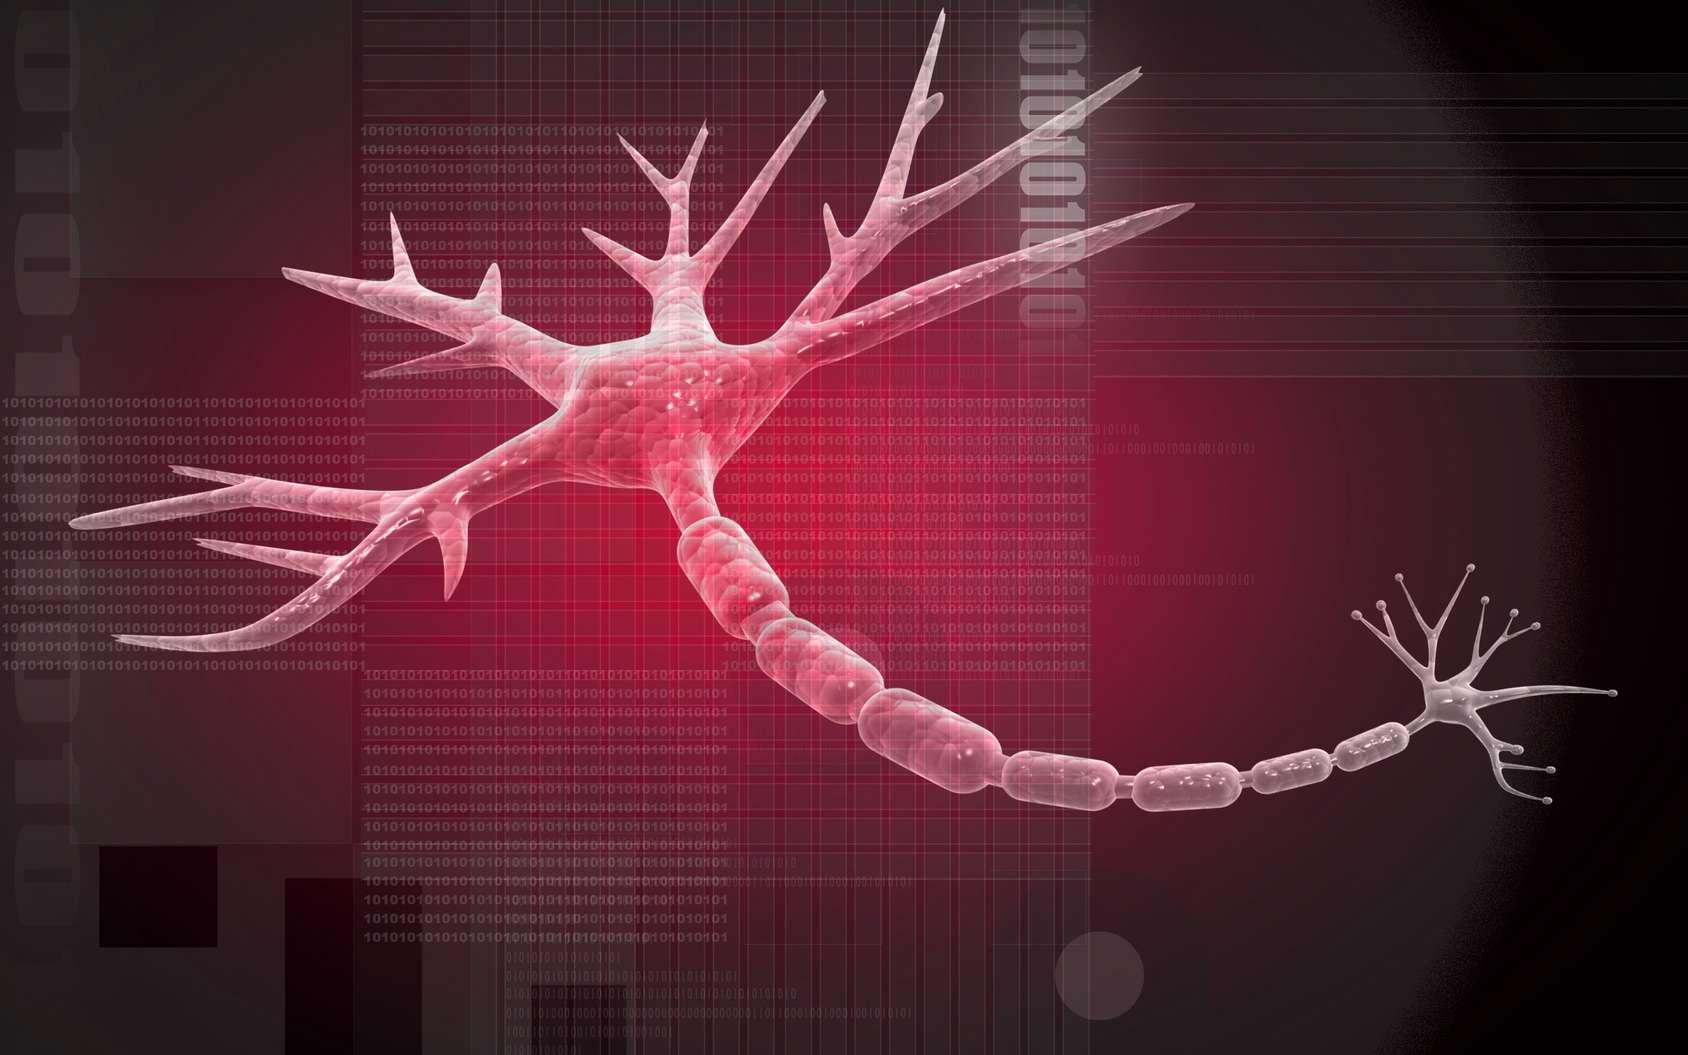 Dans la sclérose en plaques, le système immunitaire s'attaque à la myéline qui entoure l'axone des neurones. © jscreationzs, Fotolia